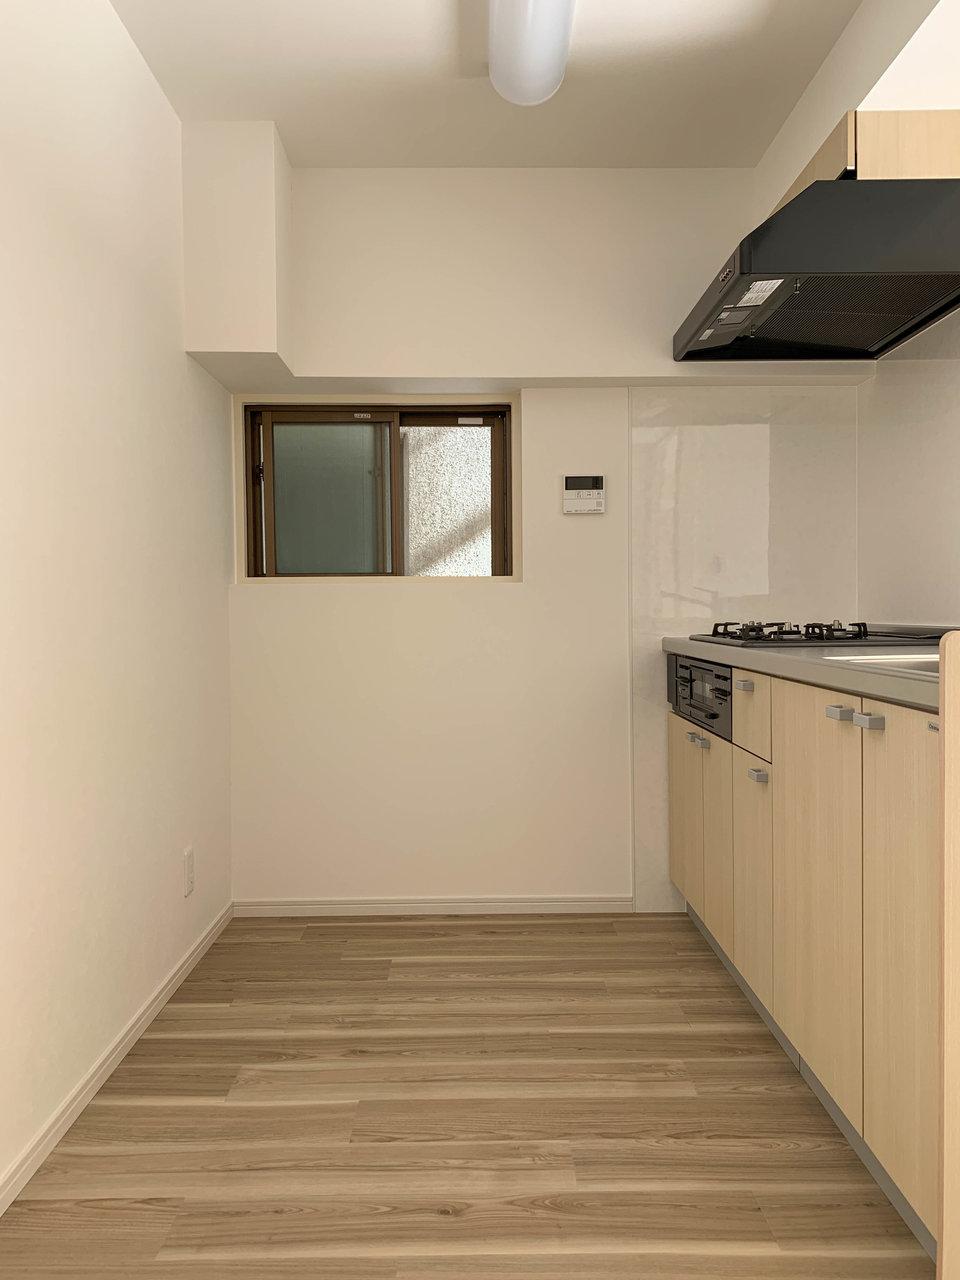 カウンターキッチンは3口ガスコンロ付なので料理がとってもしやすそう。背面にもゆったりとした広さがあるので、ラックを置いたら、家電置き場や食器棚として活用できそうですね。